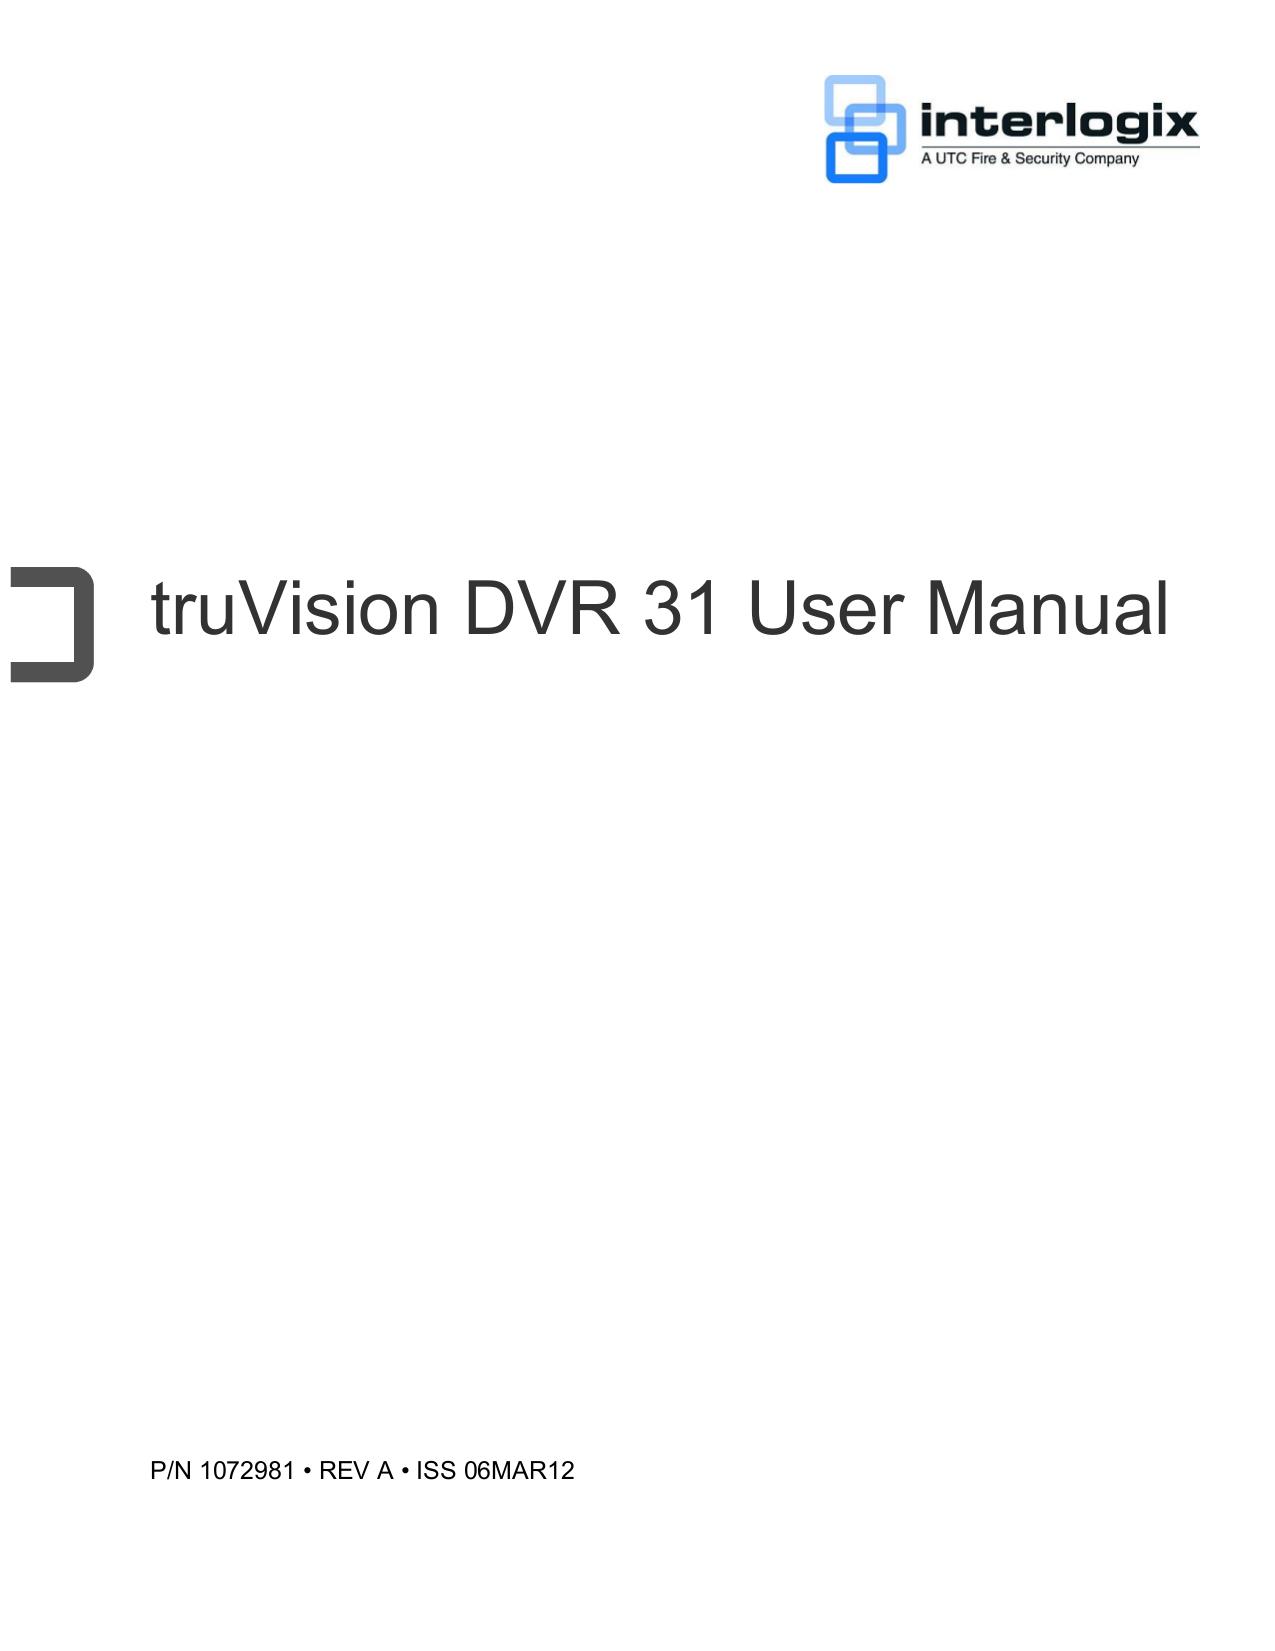 download free pdf for viewsonic vx2433wm monitor manual rh umlib com viewsonic monitor vx2433wm manual viewsonic vx2433wm manual 2009